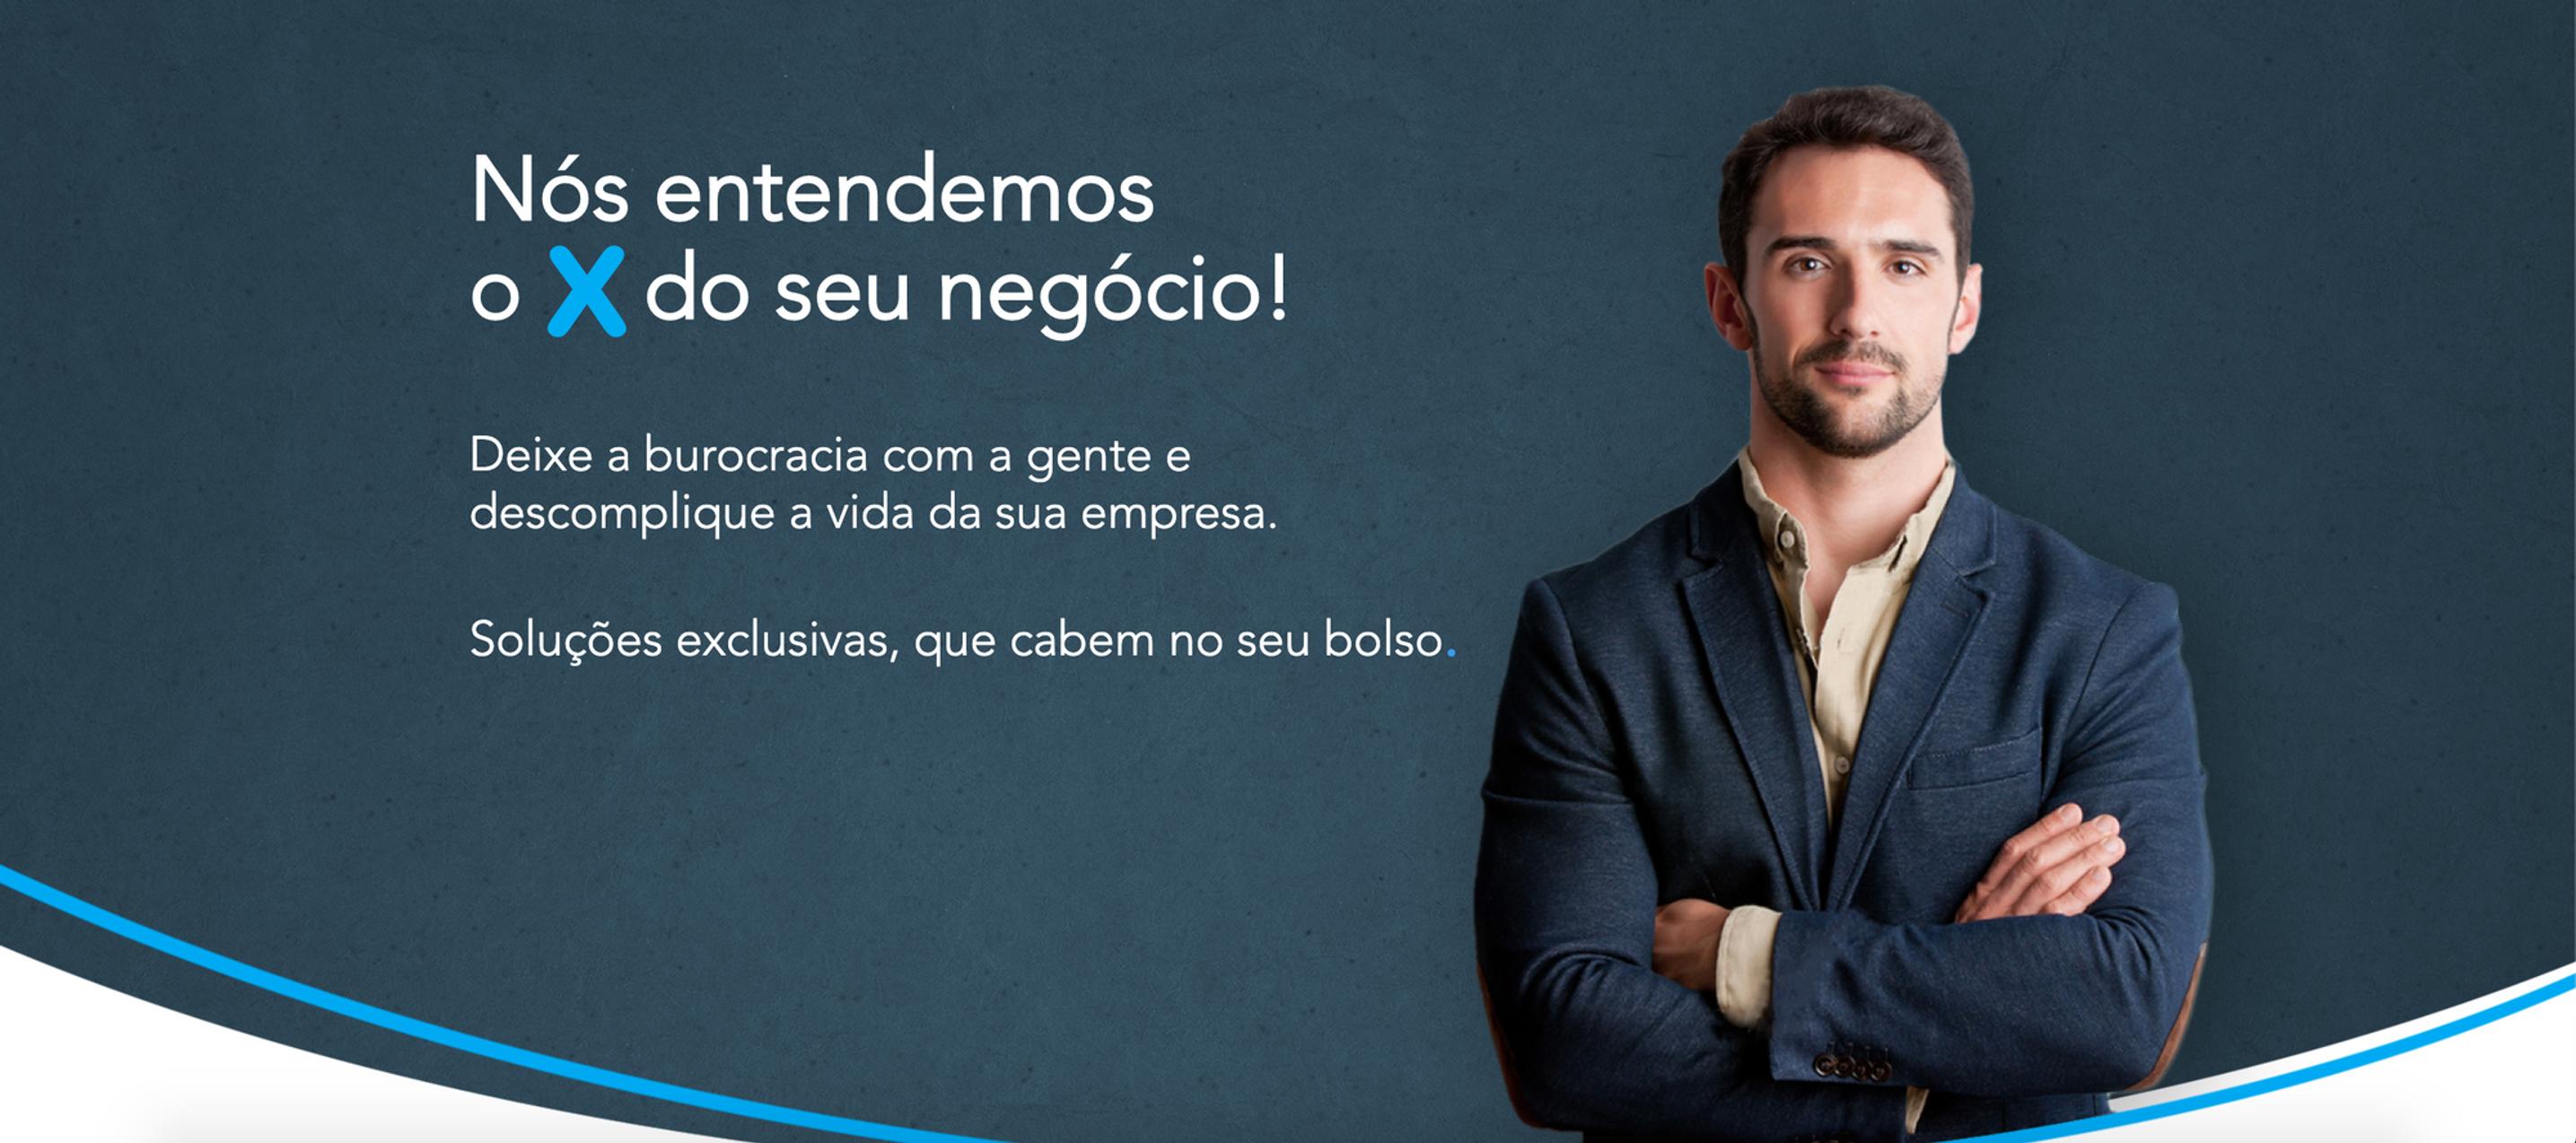 (c) Eximium.com.br